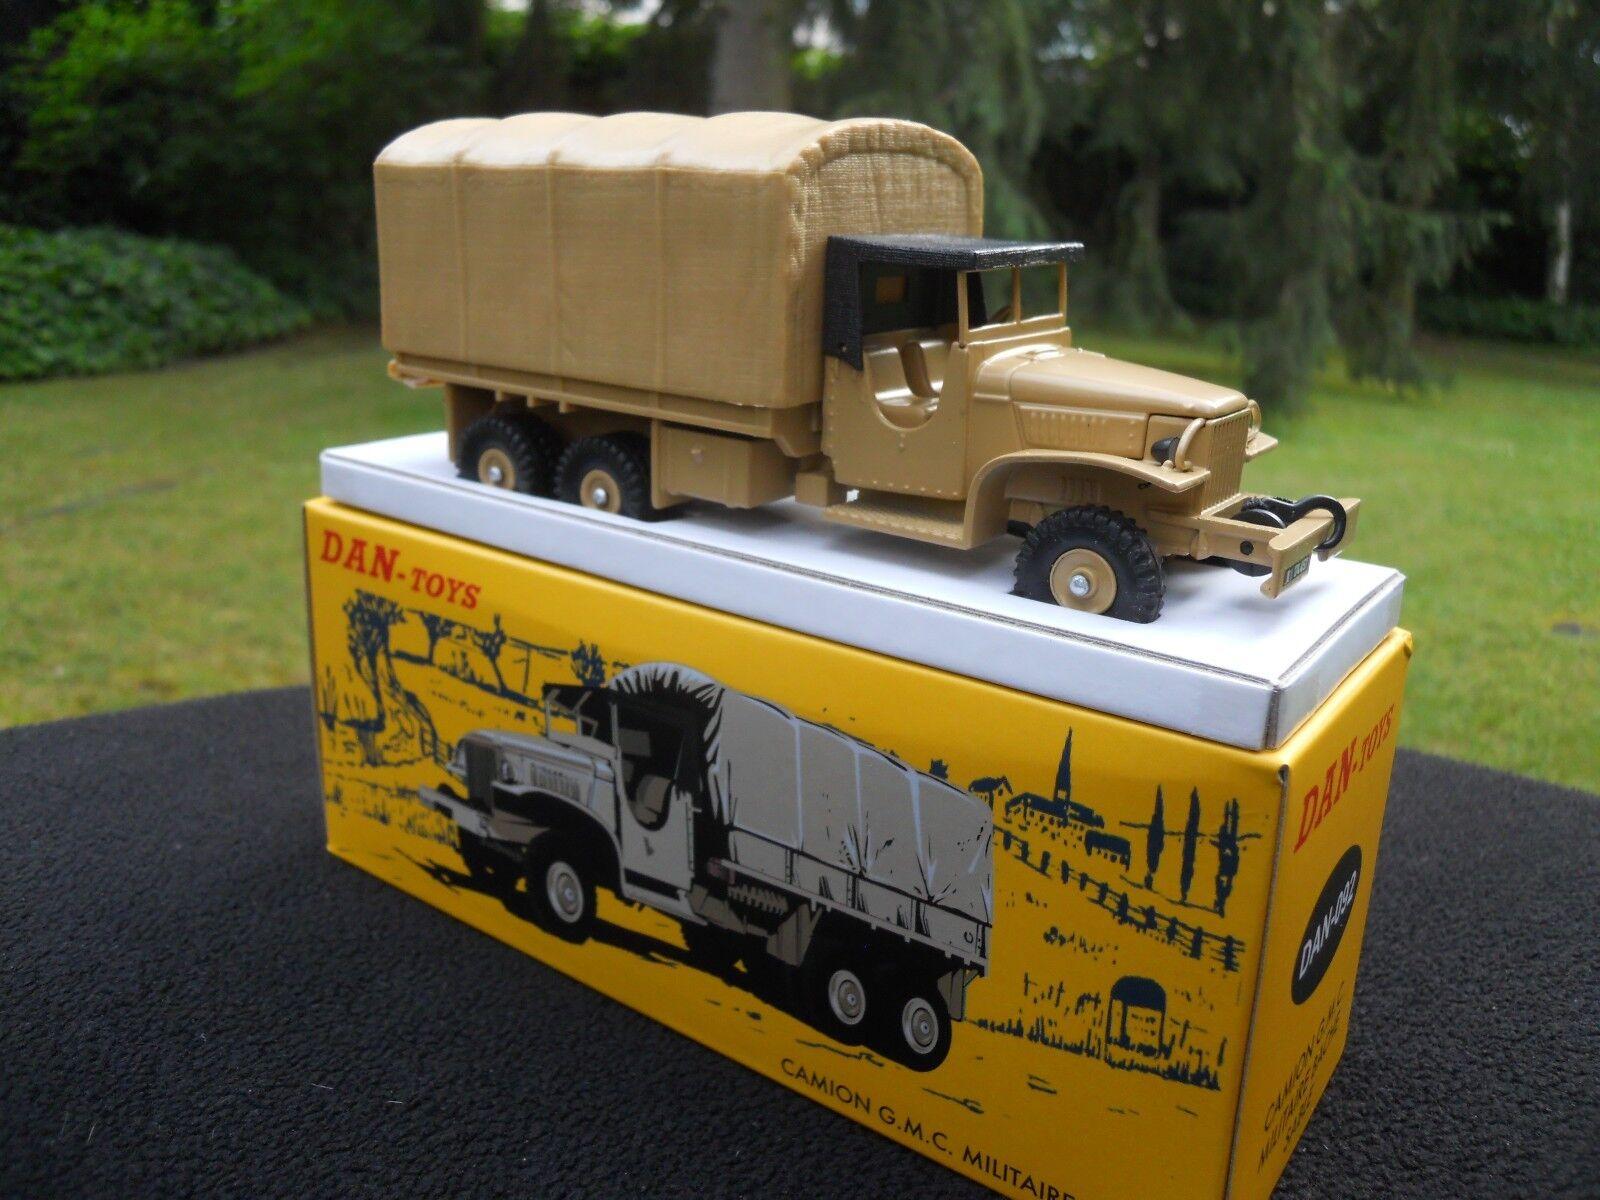 Military vehicle dan toys 092 gmc bache colour sand  mint box  le meilleur service après-vente